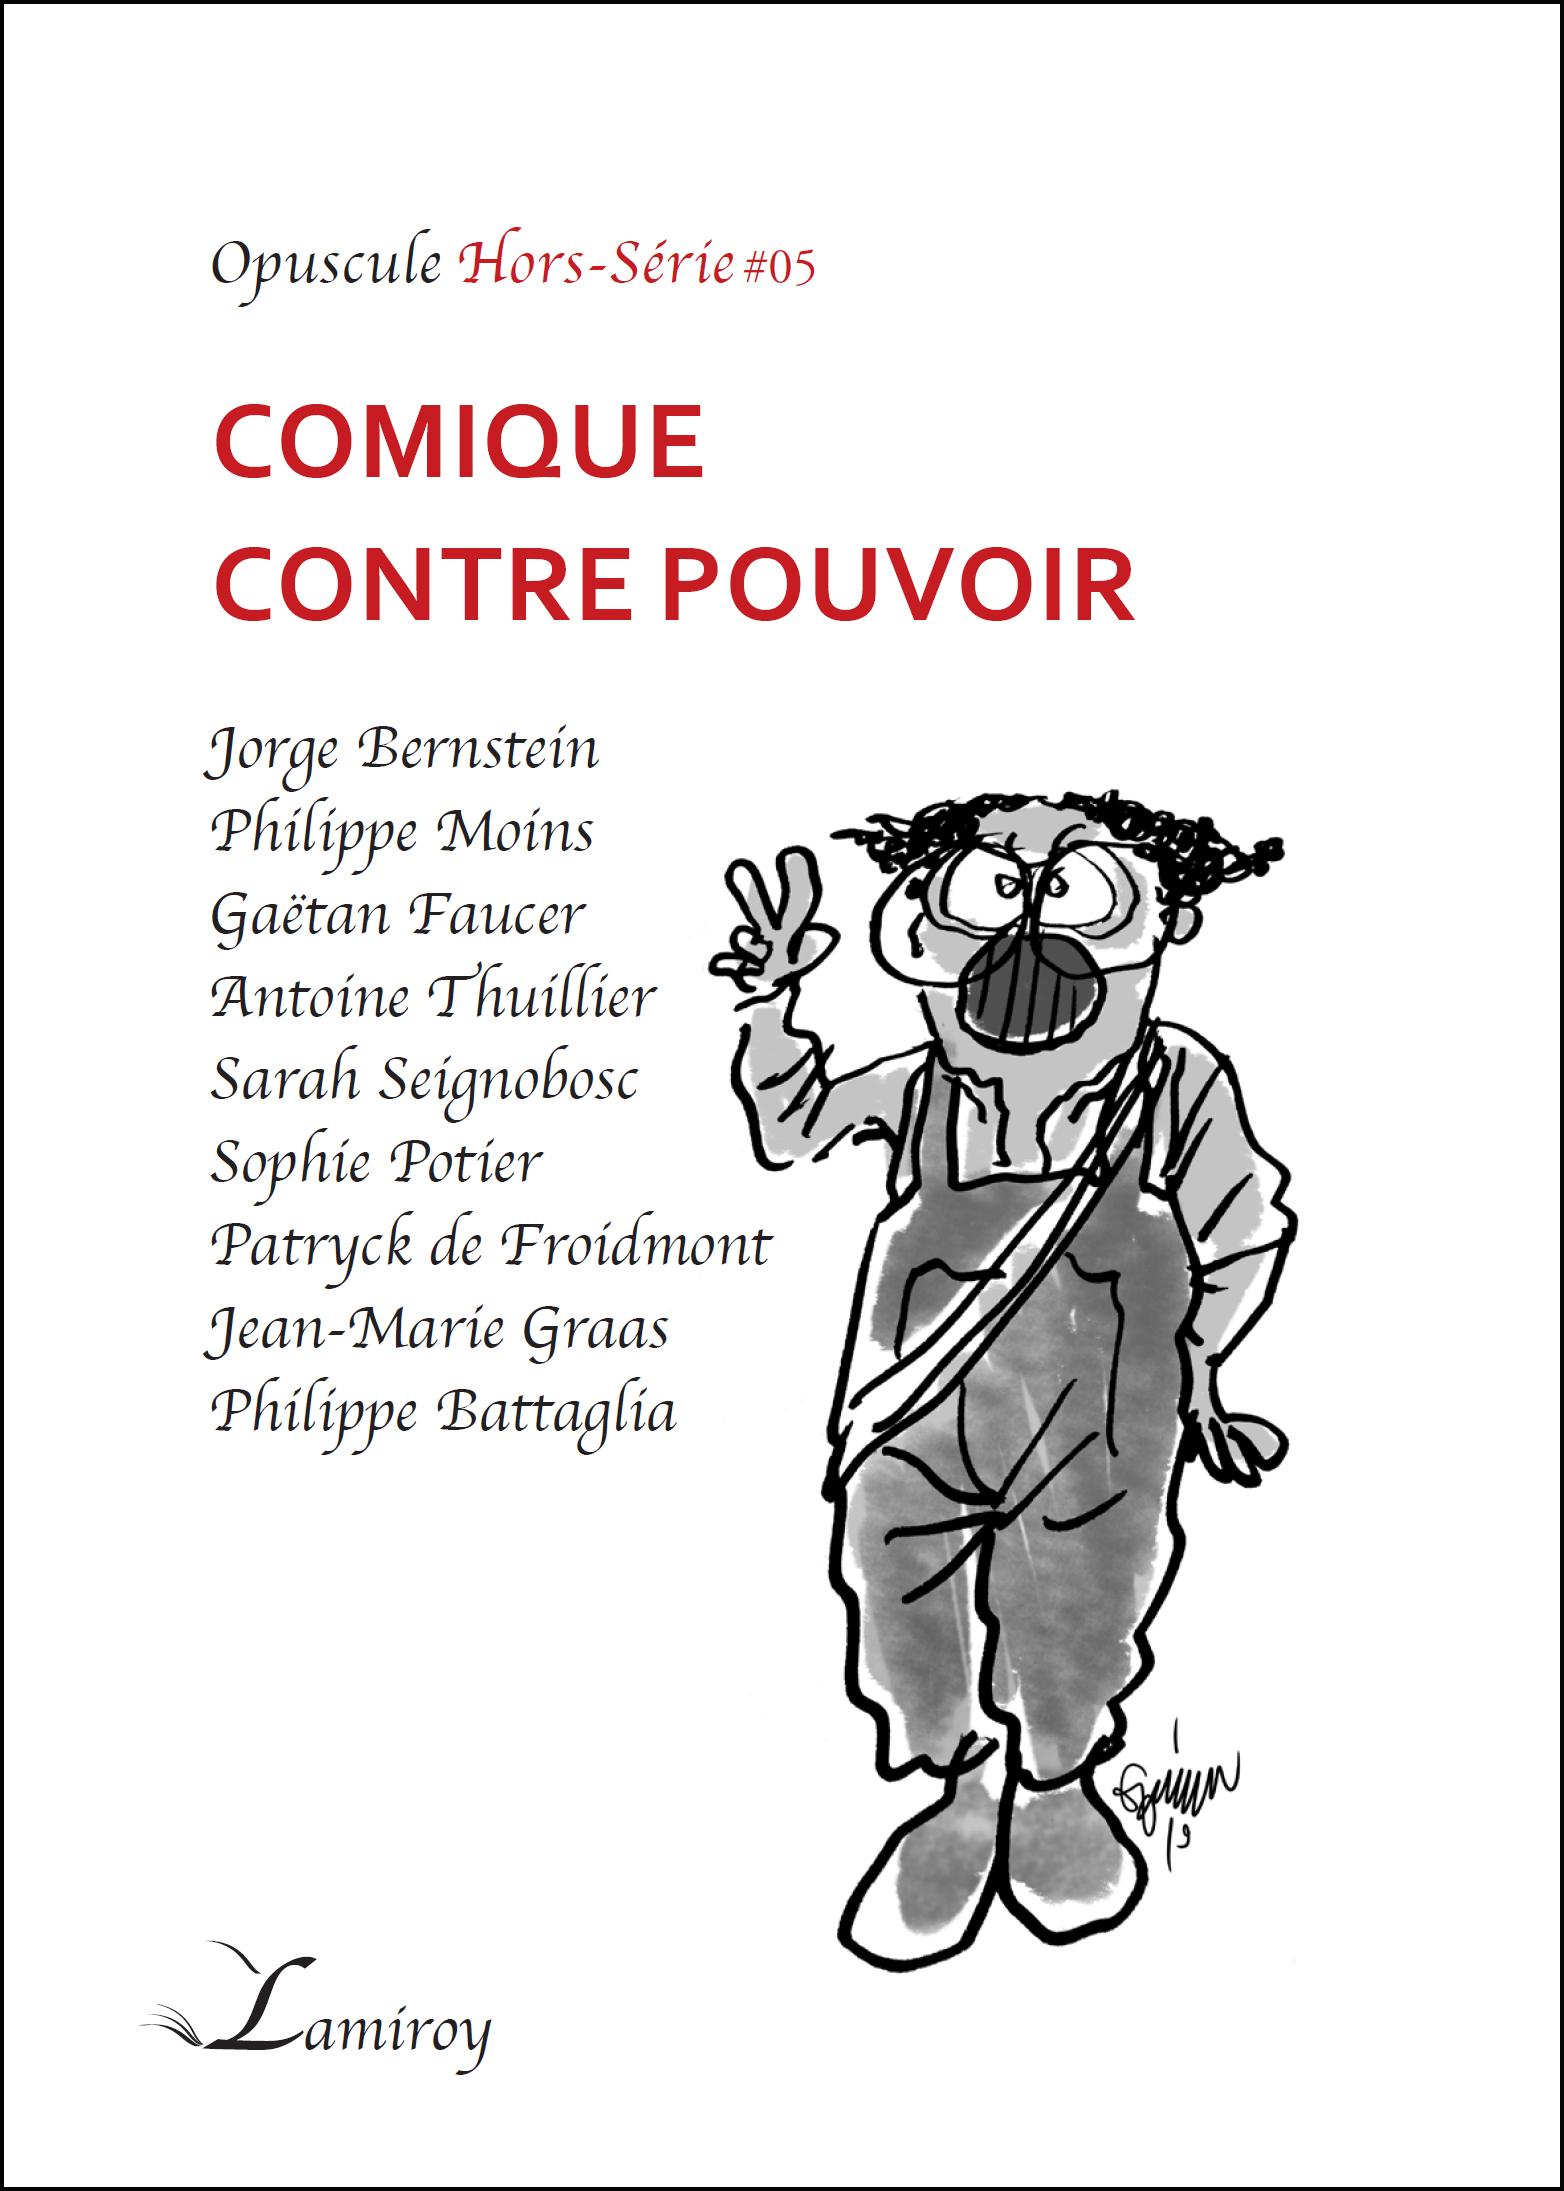 COMIQUE CONTRE POUVOIR - HS5